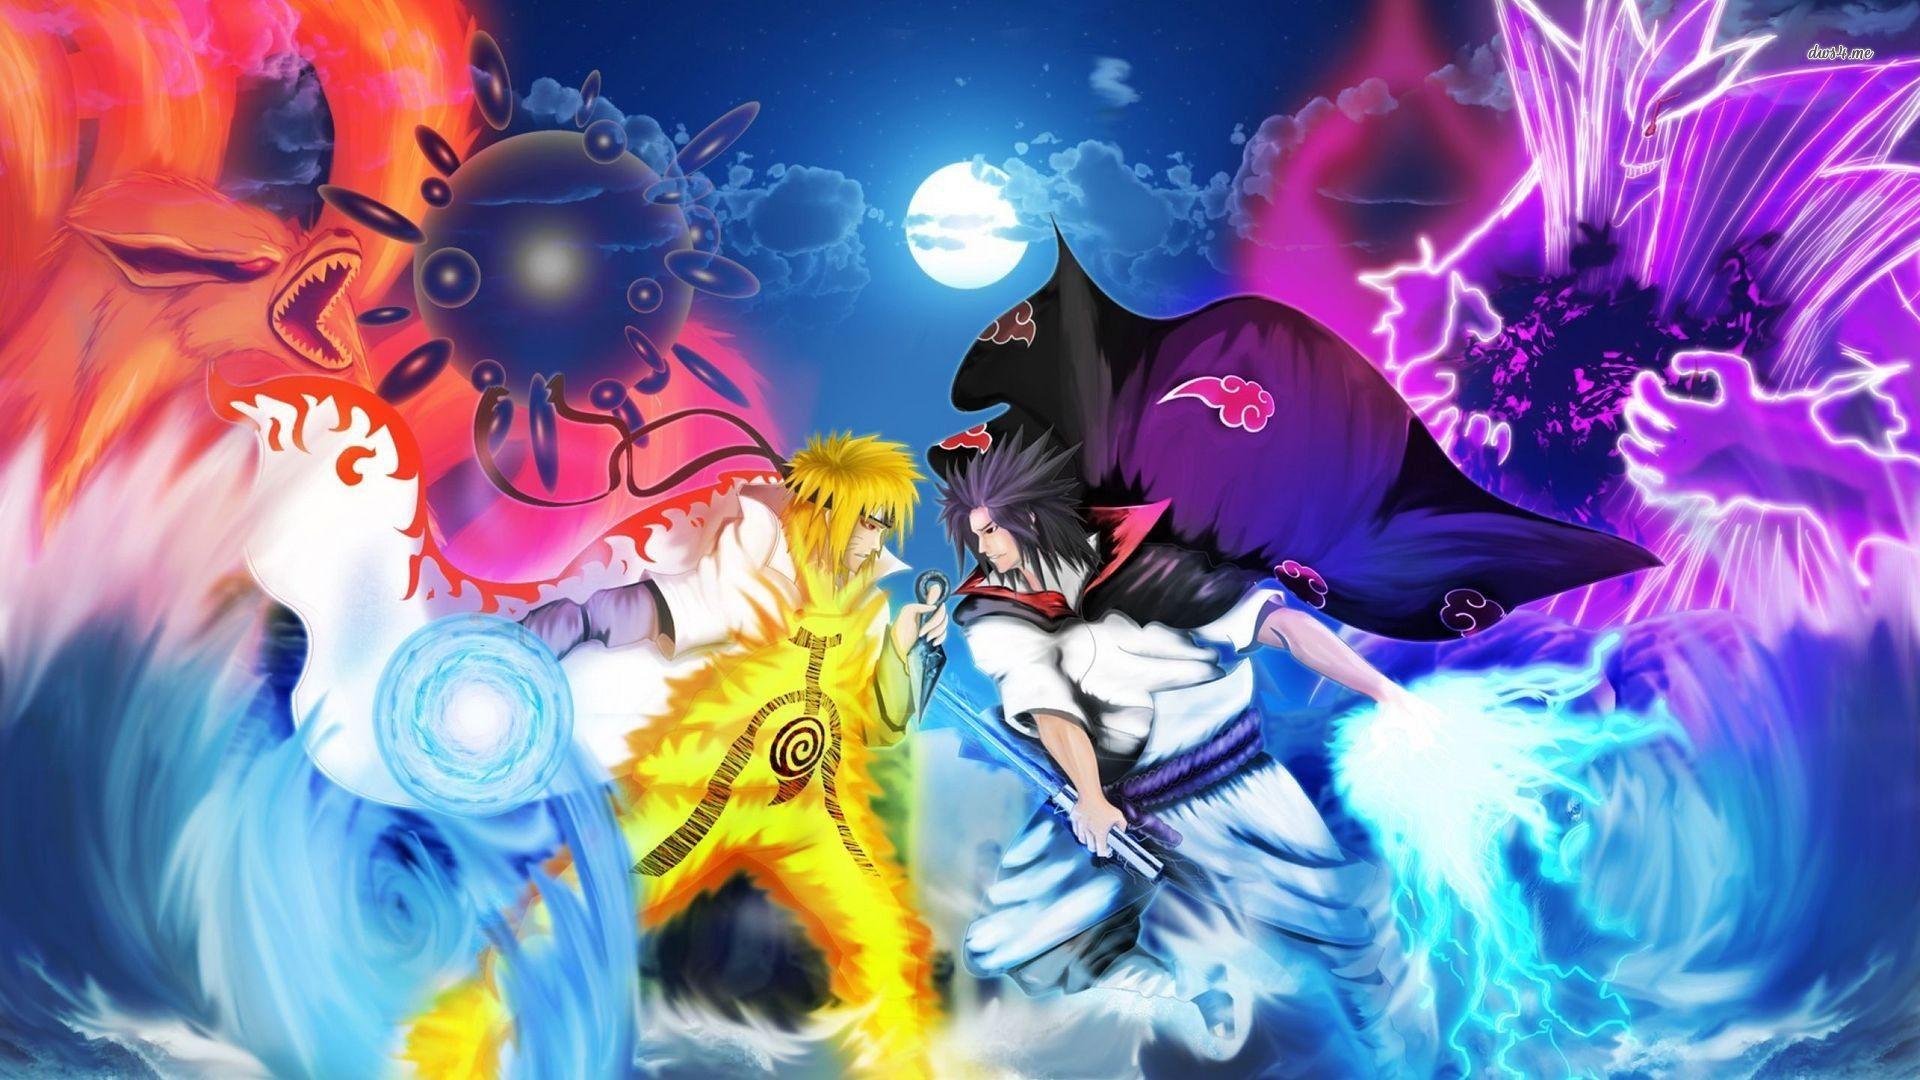 4k Naruto Wallpaper Cool Anime Wallpapers Anime Wallpaper Hd Anime Wallpapers